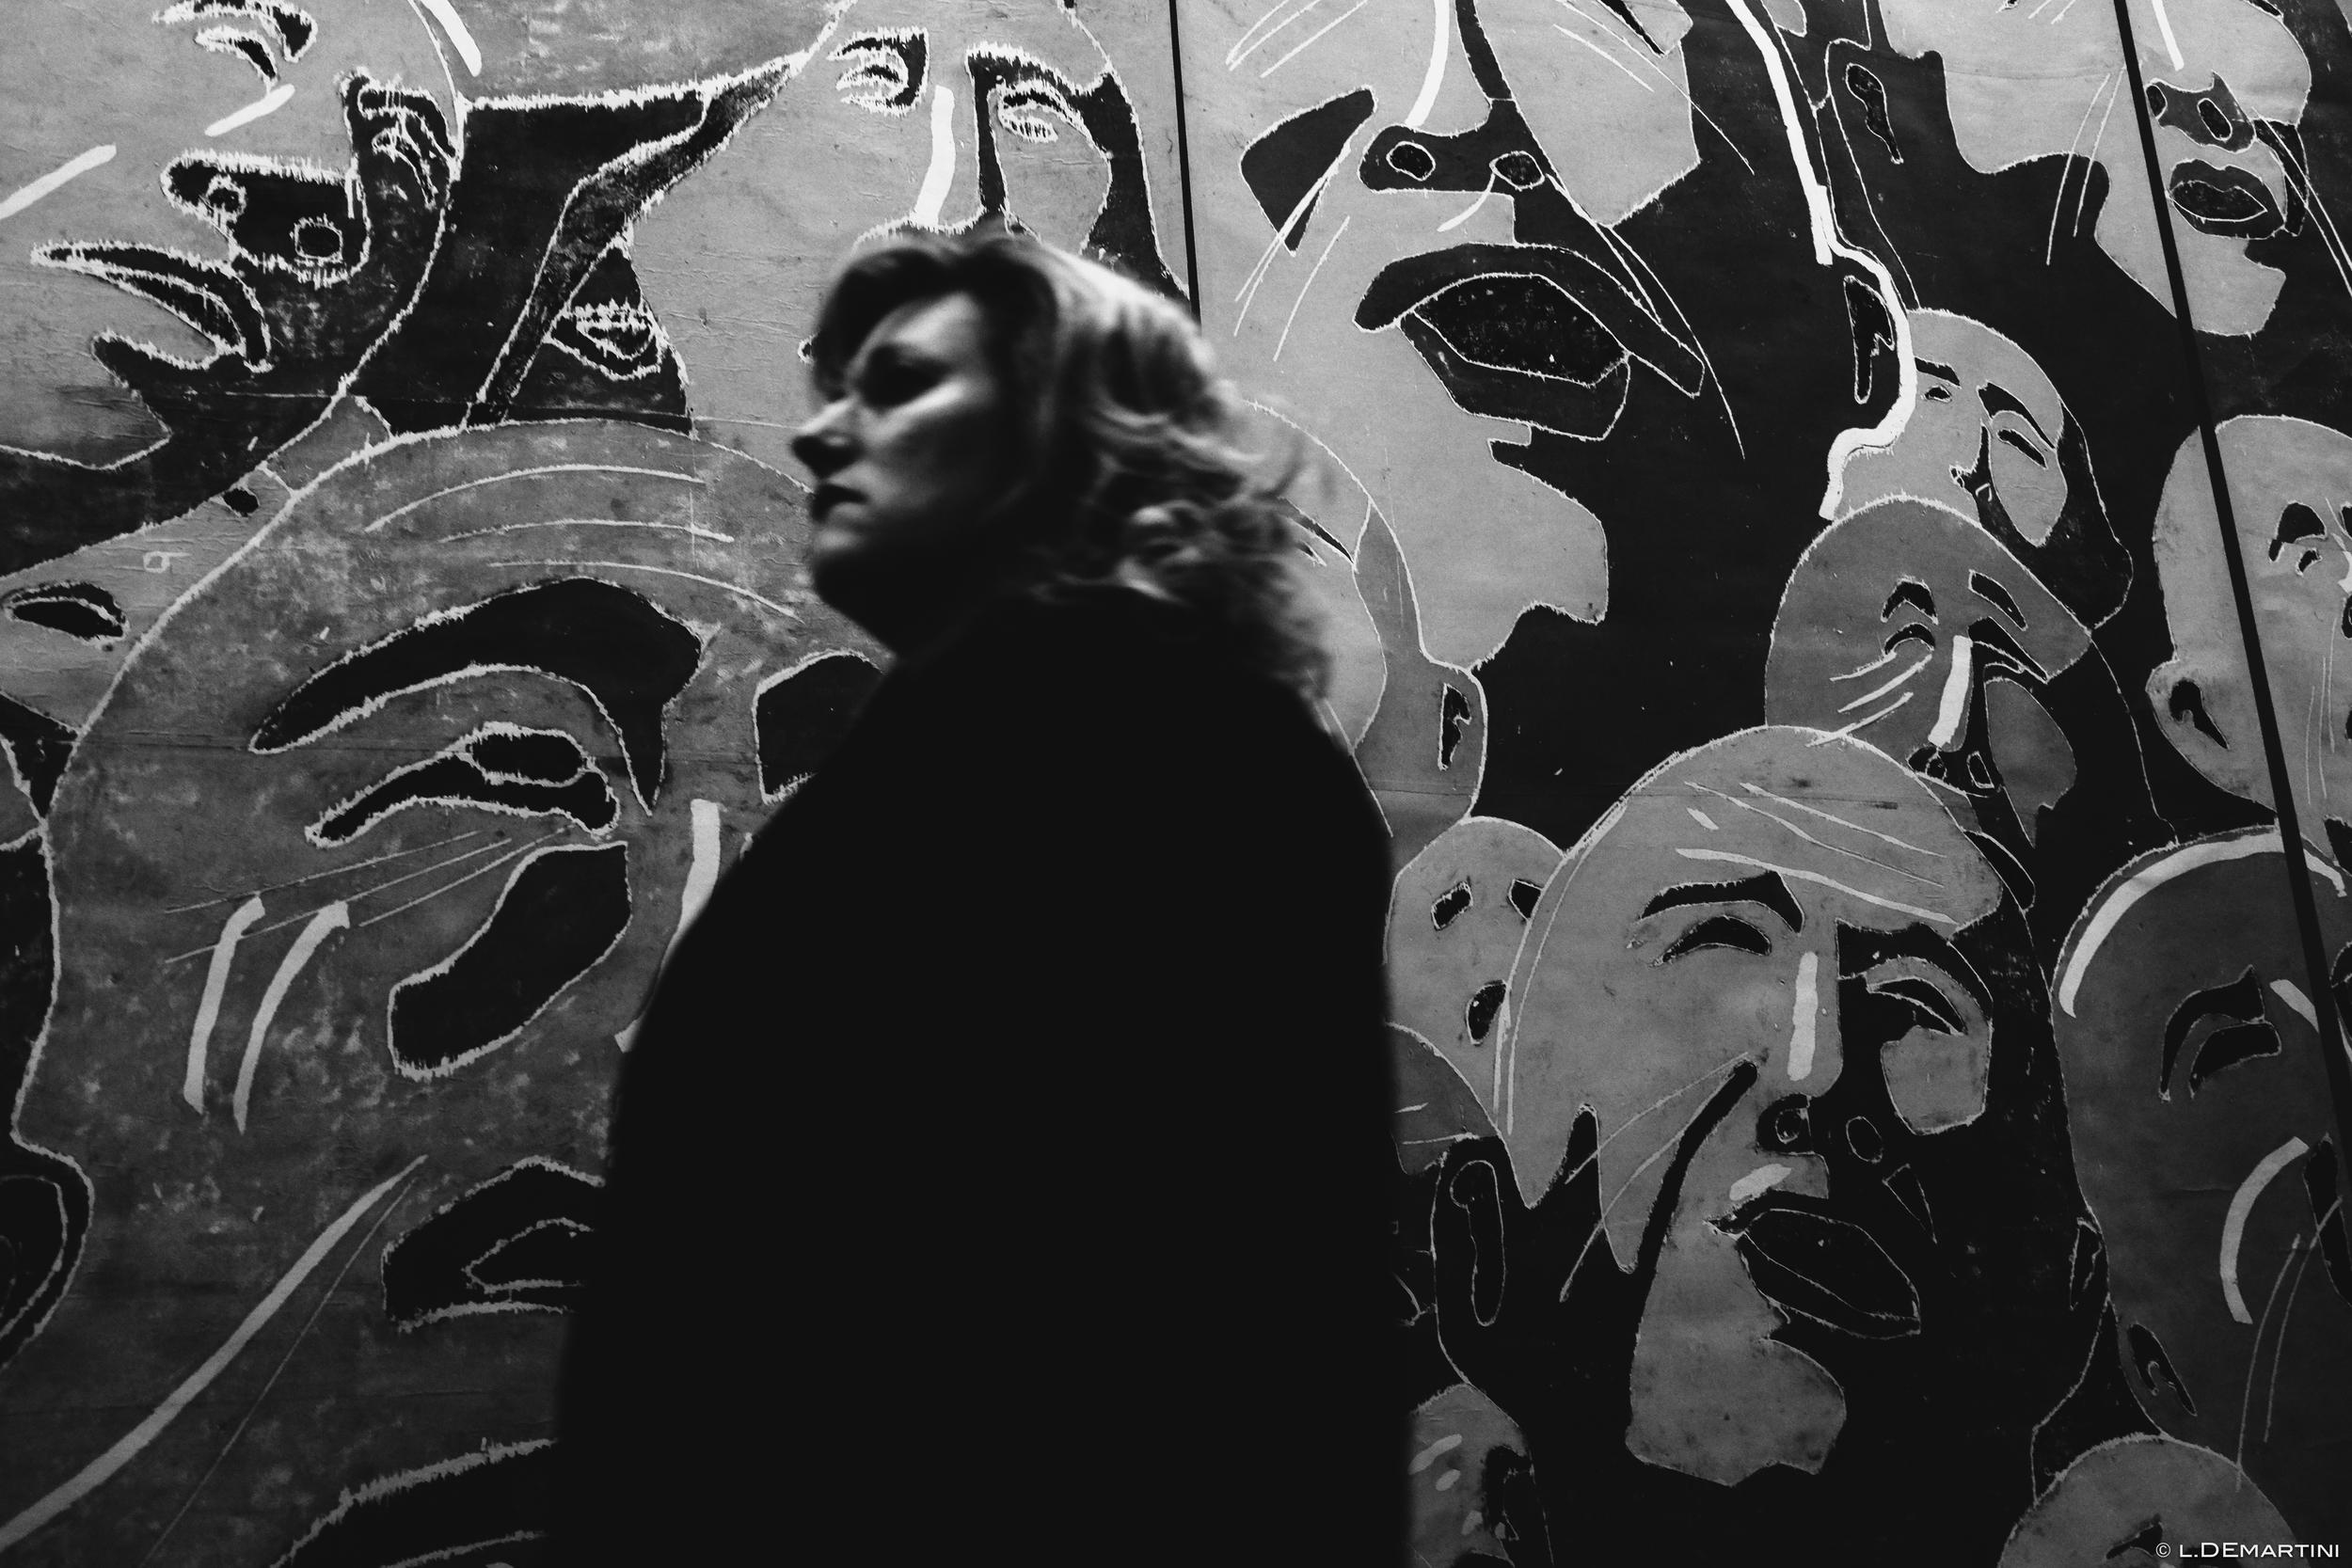 004 - centre pompidou - by laurentdemartini.com.jpg